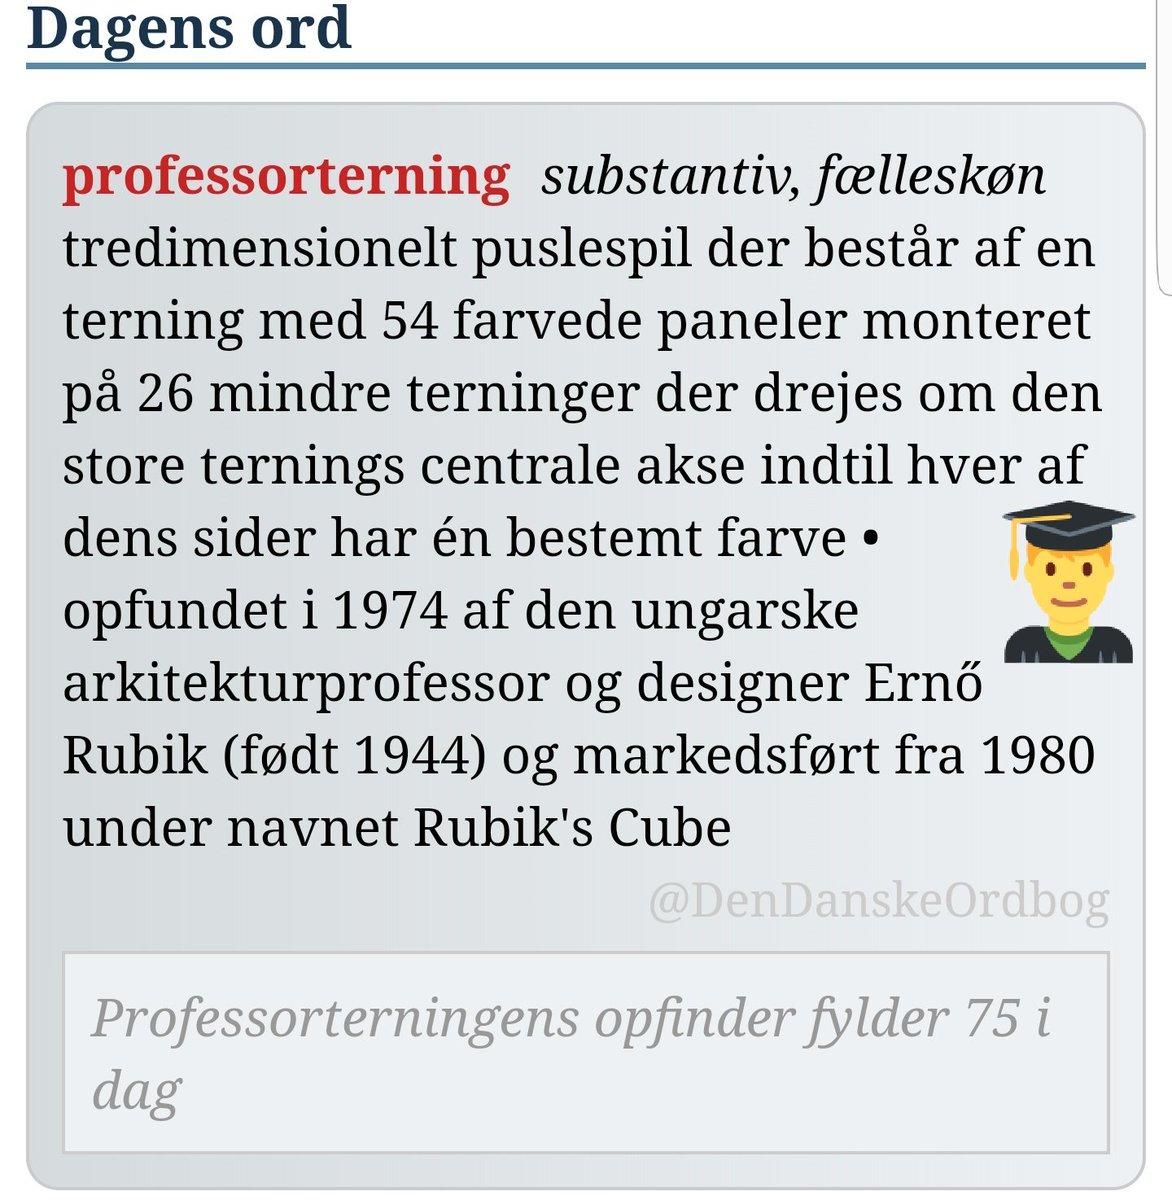 danske bank ordbog